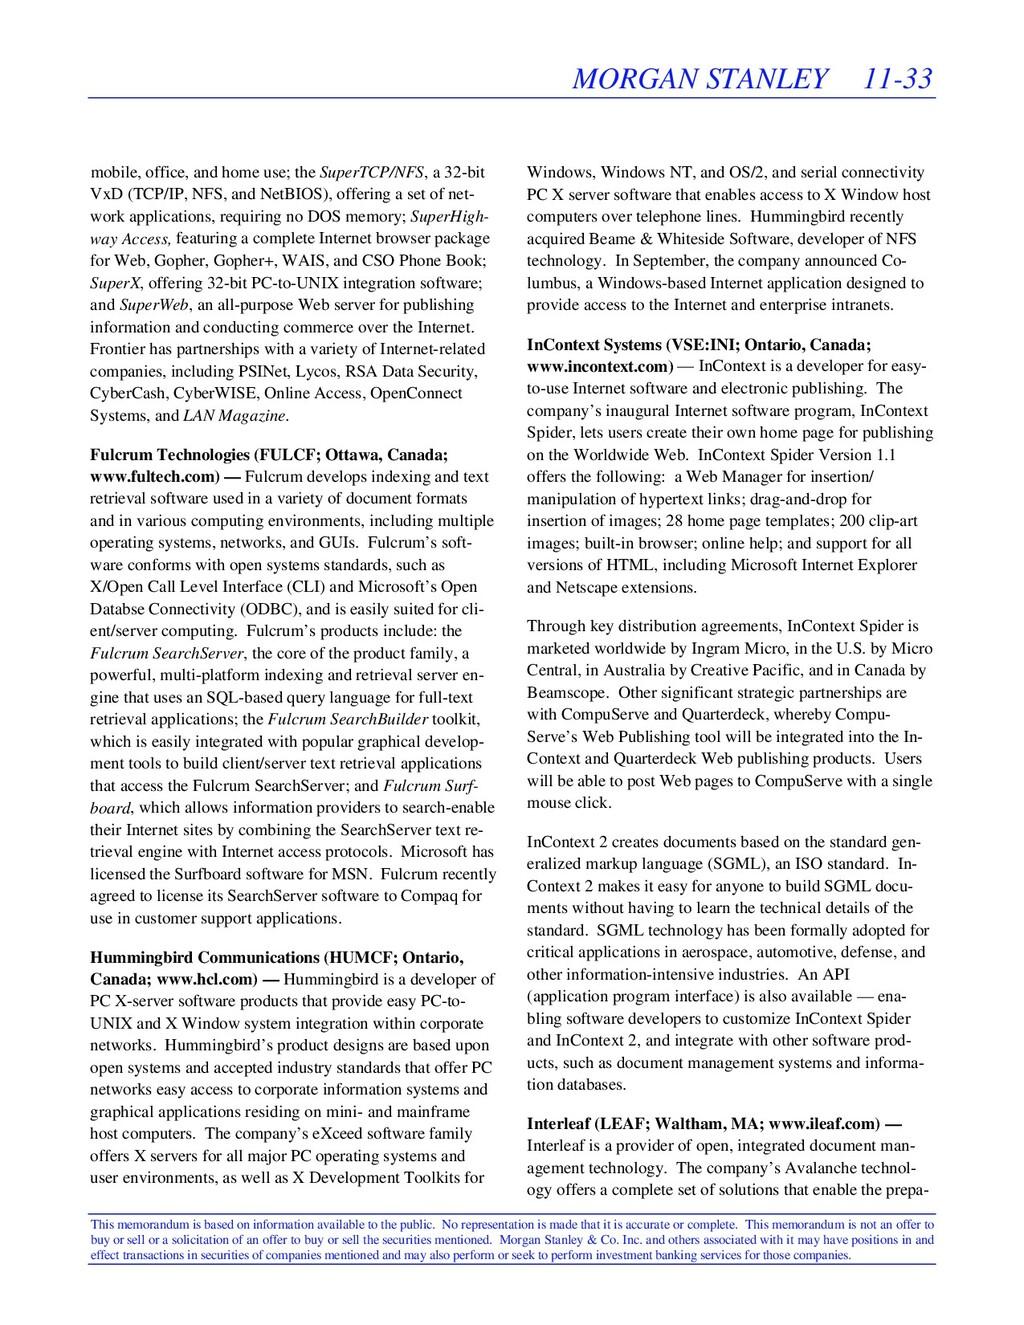 MORGAN STANLEY 11-33 This memorandum is based o...